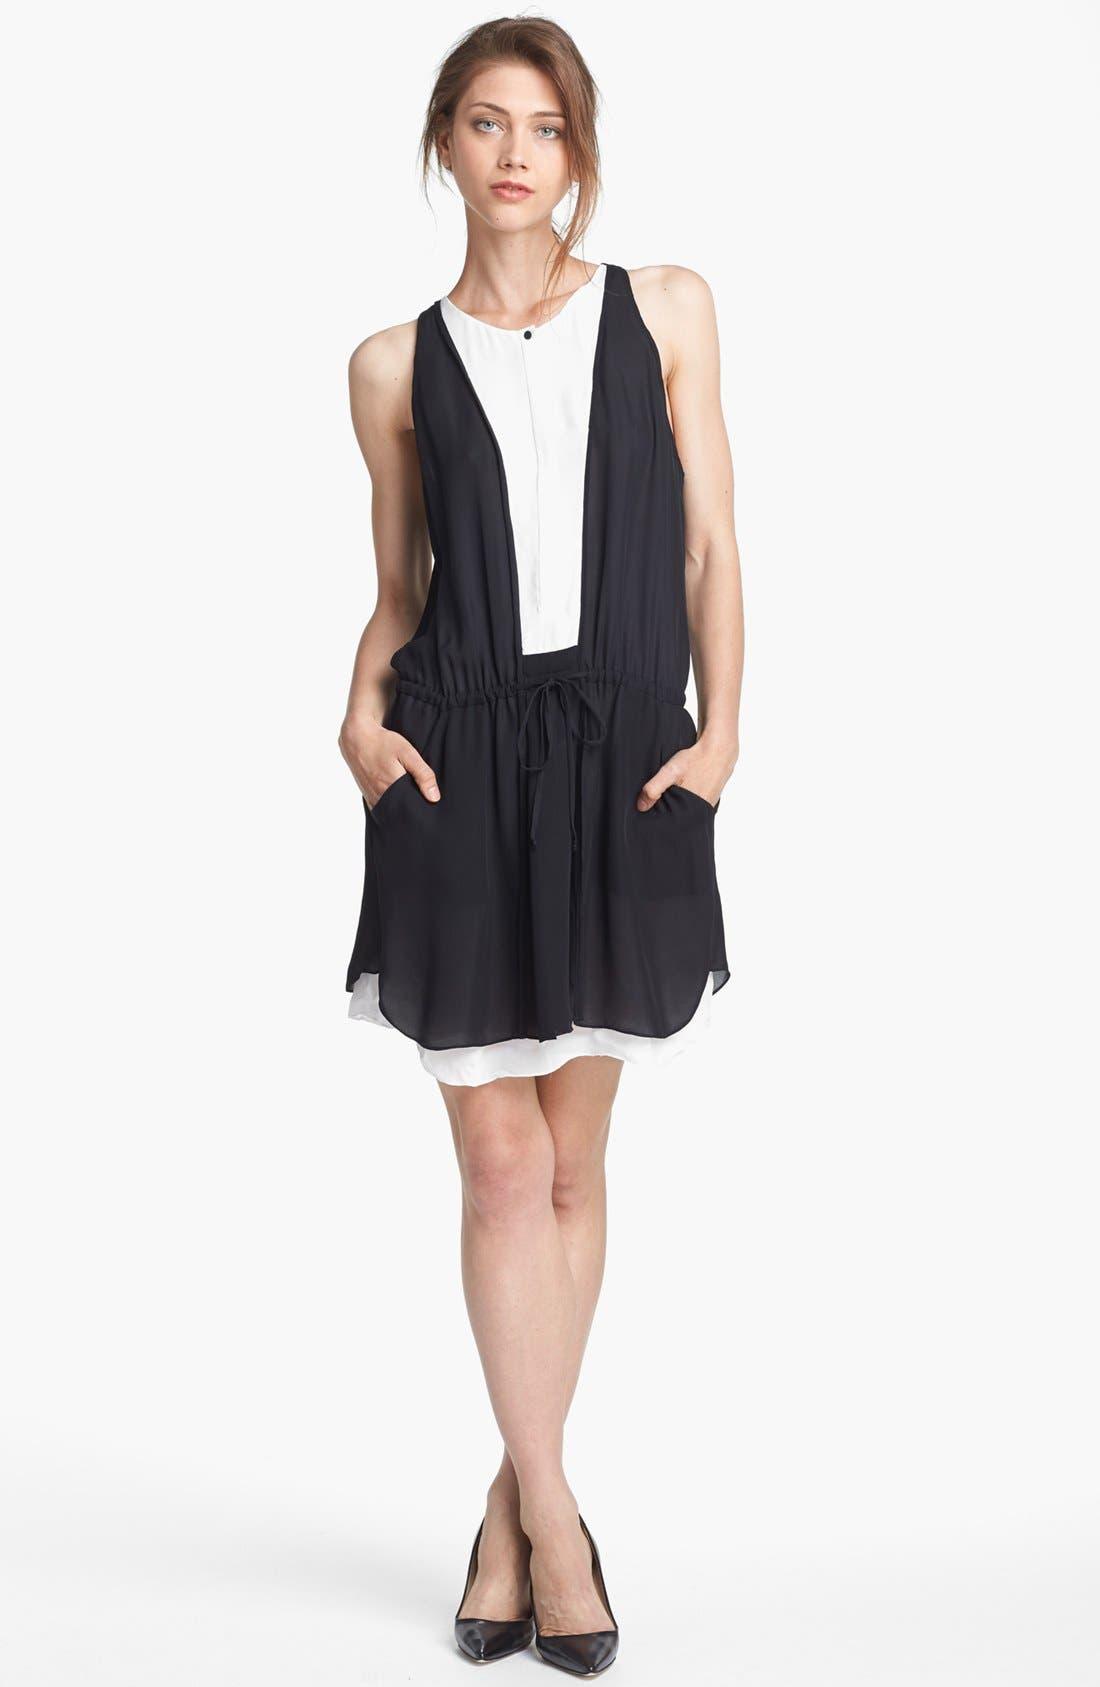 Main Image - A.L.C. 'Solange' Two Tone Dress